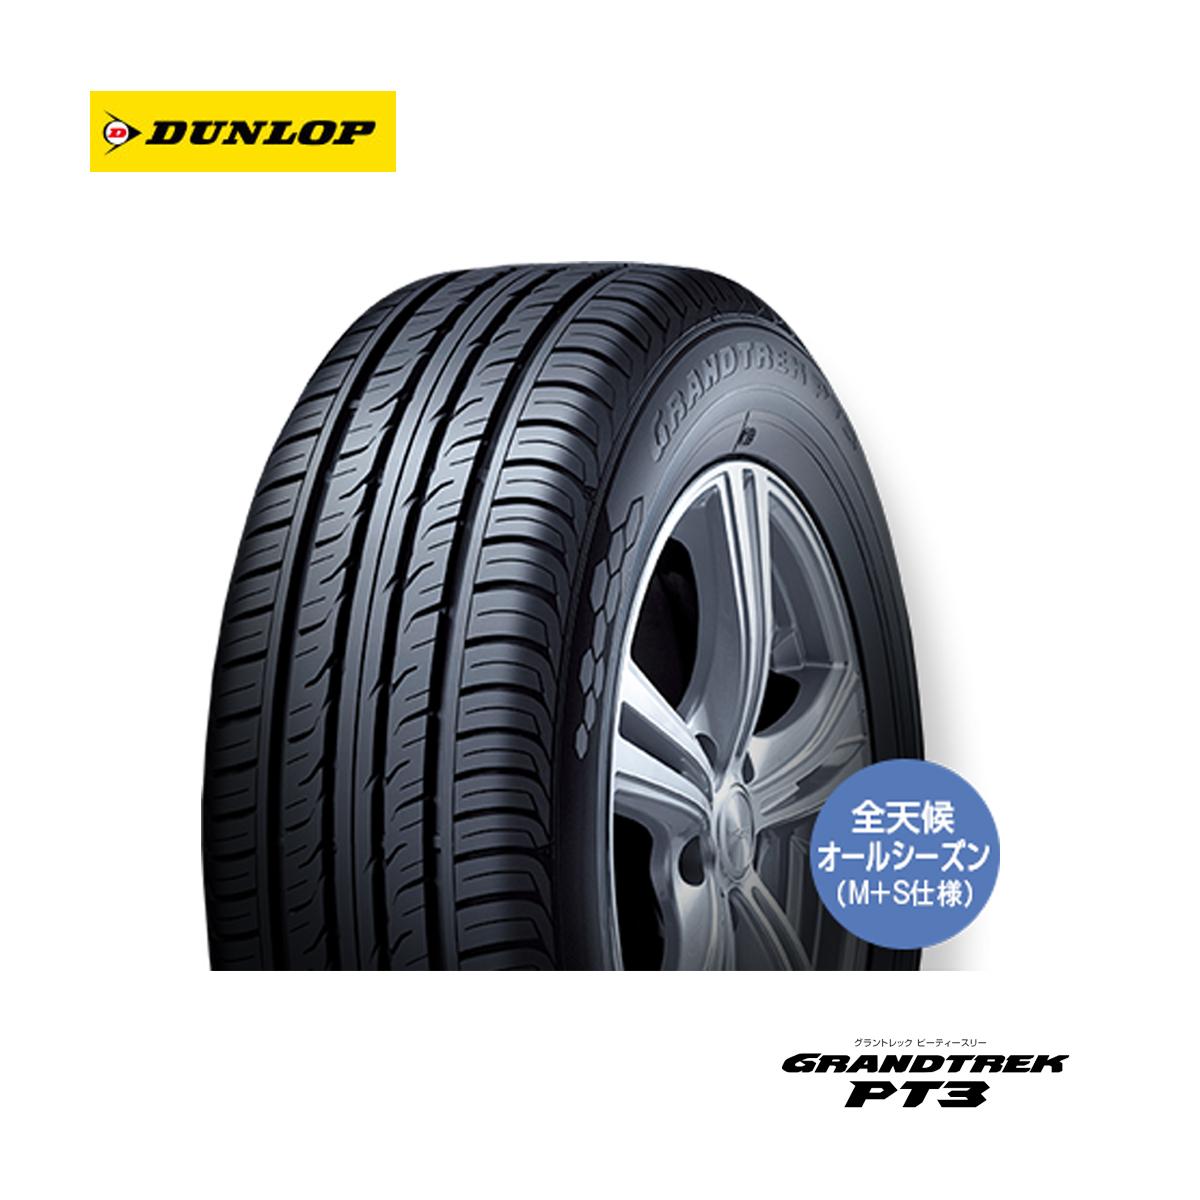 DUNLOP ダンロップ 4WD SUV 4X4 専用 タイヤ 2本 セット 18インチ 225/55R18 GRANDTREK PT3 グラントレック